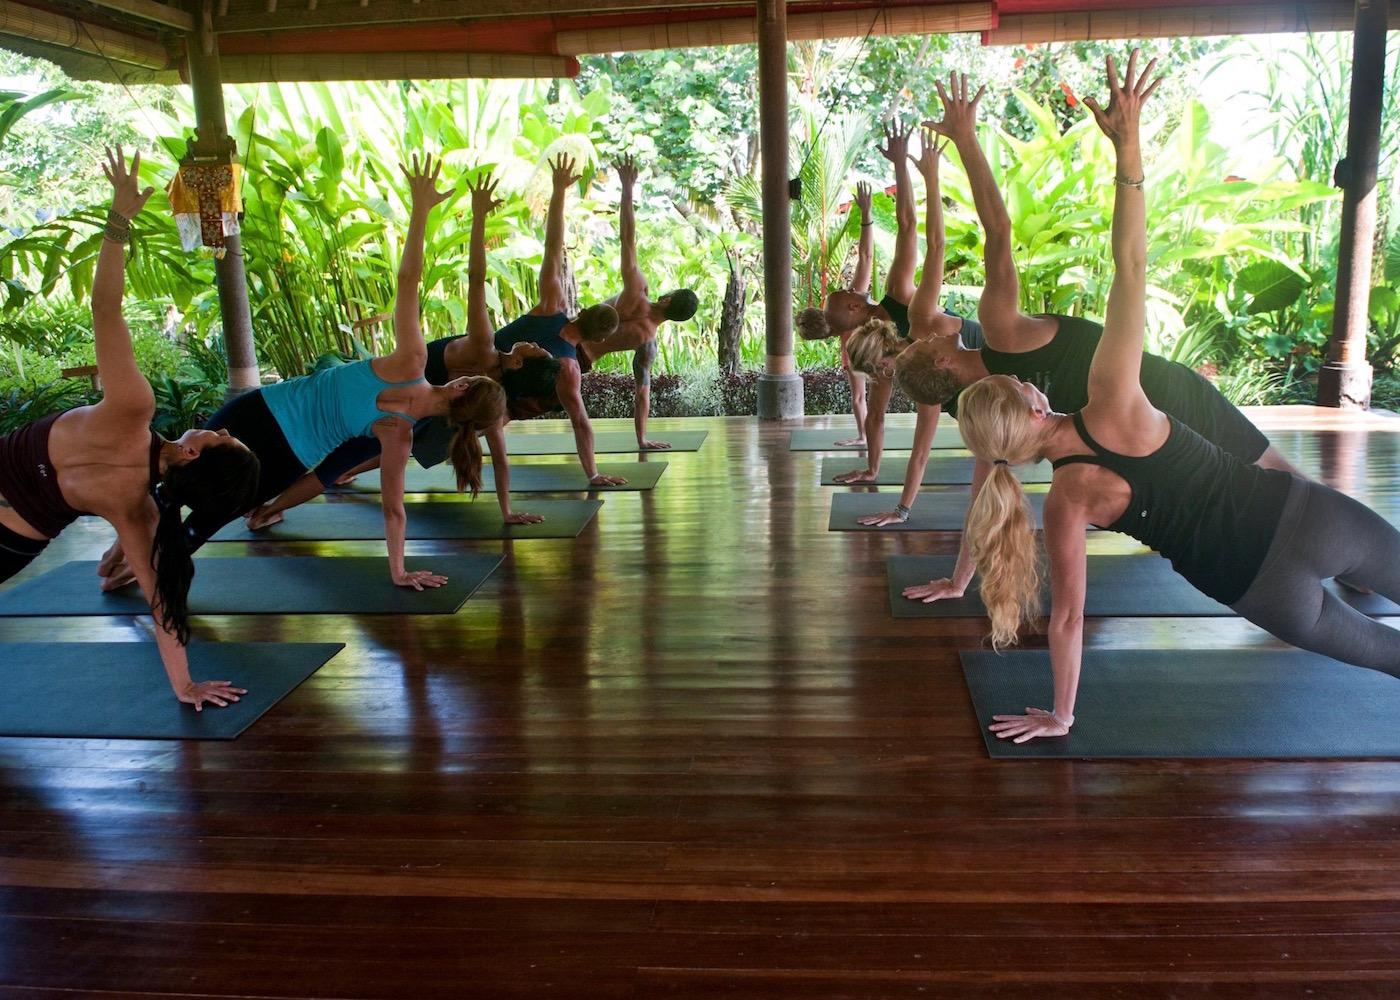 Yogis at Desa Seni Yoga studio in Canggu, Bali, Indonesia